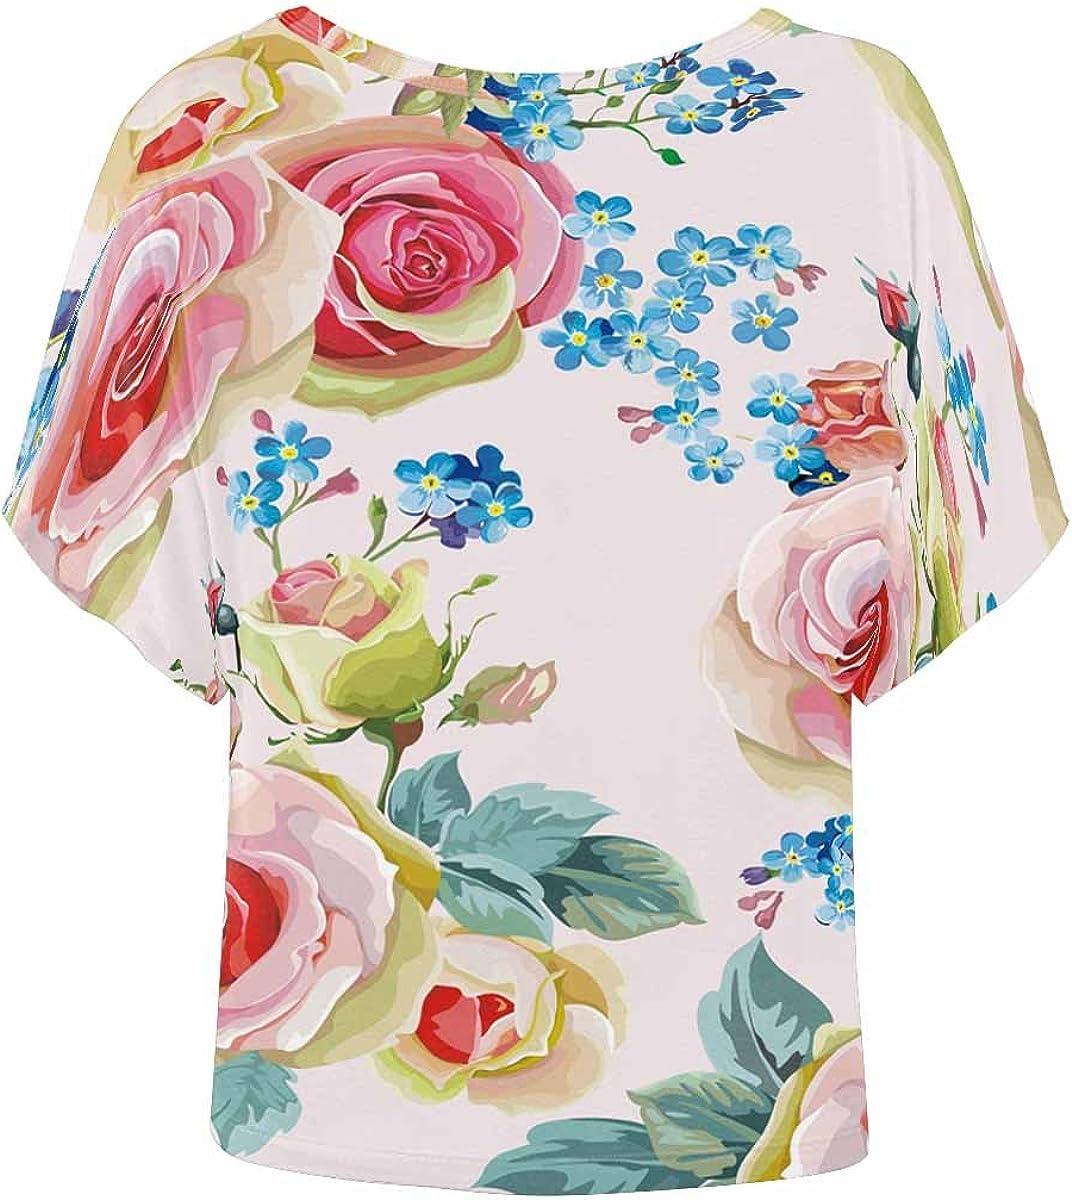 XS-2XL INTERESTPRINT Mens Hoodies Shirts Abstract Pink Lightweight Short Sleeve Pullover